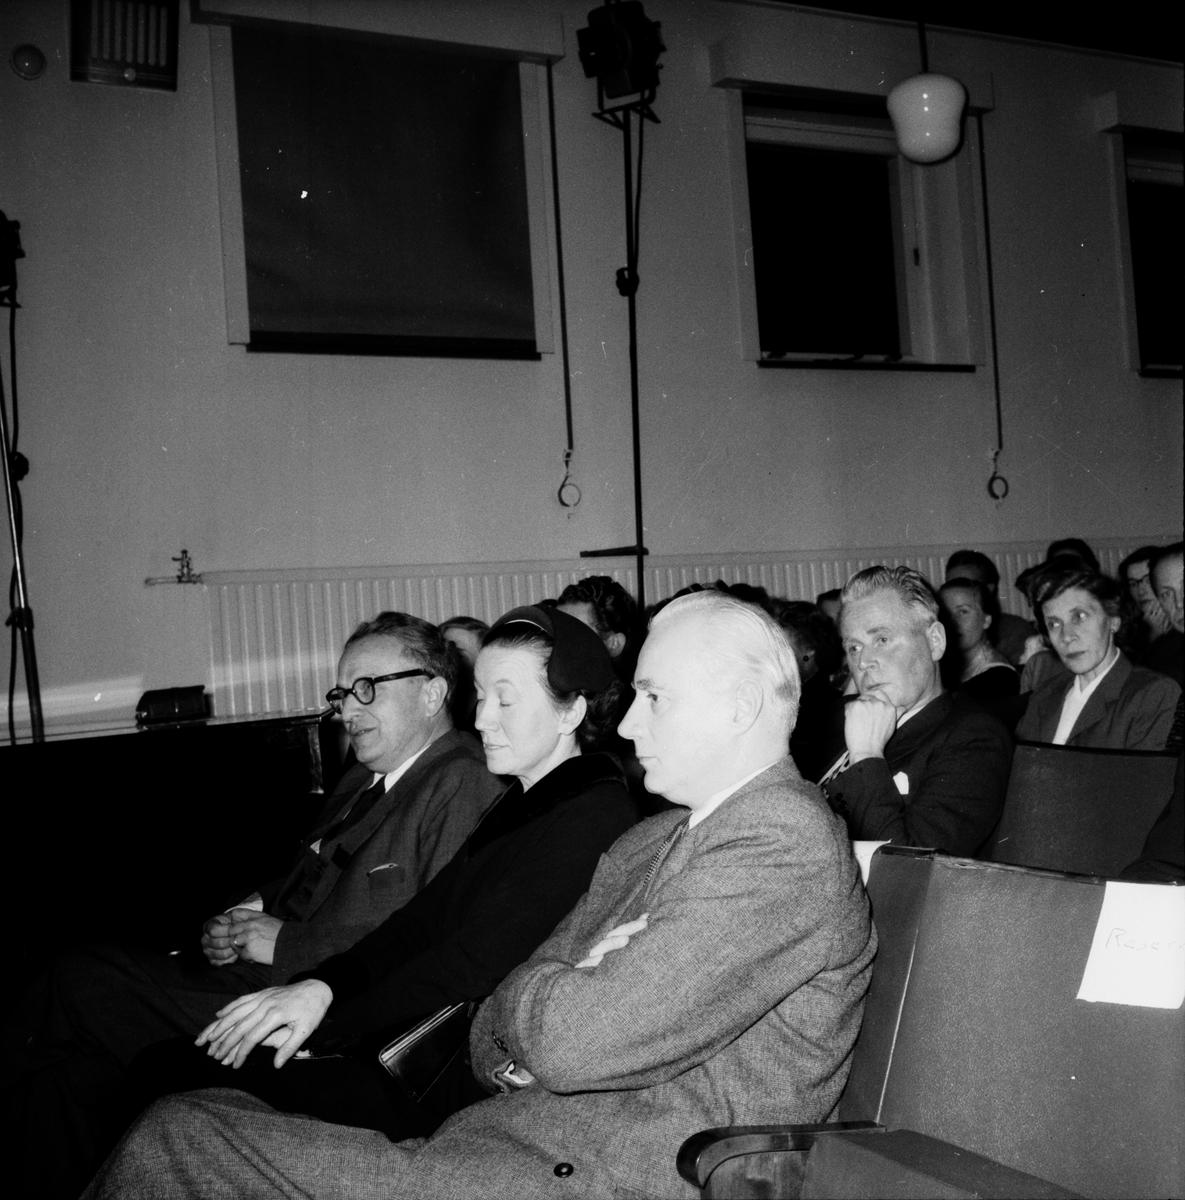 Sanatoiret Äventyret på scenen. E.Liebel 1955